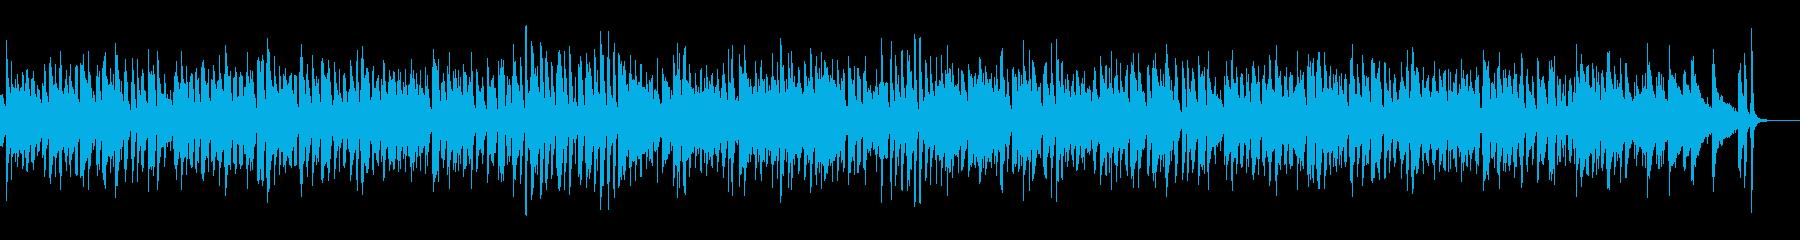 クリスマスの定番曲のジャズアレンジですの再生済みの波形